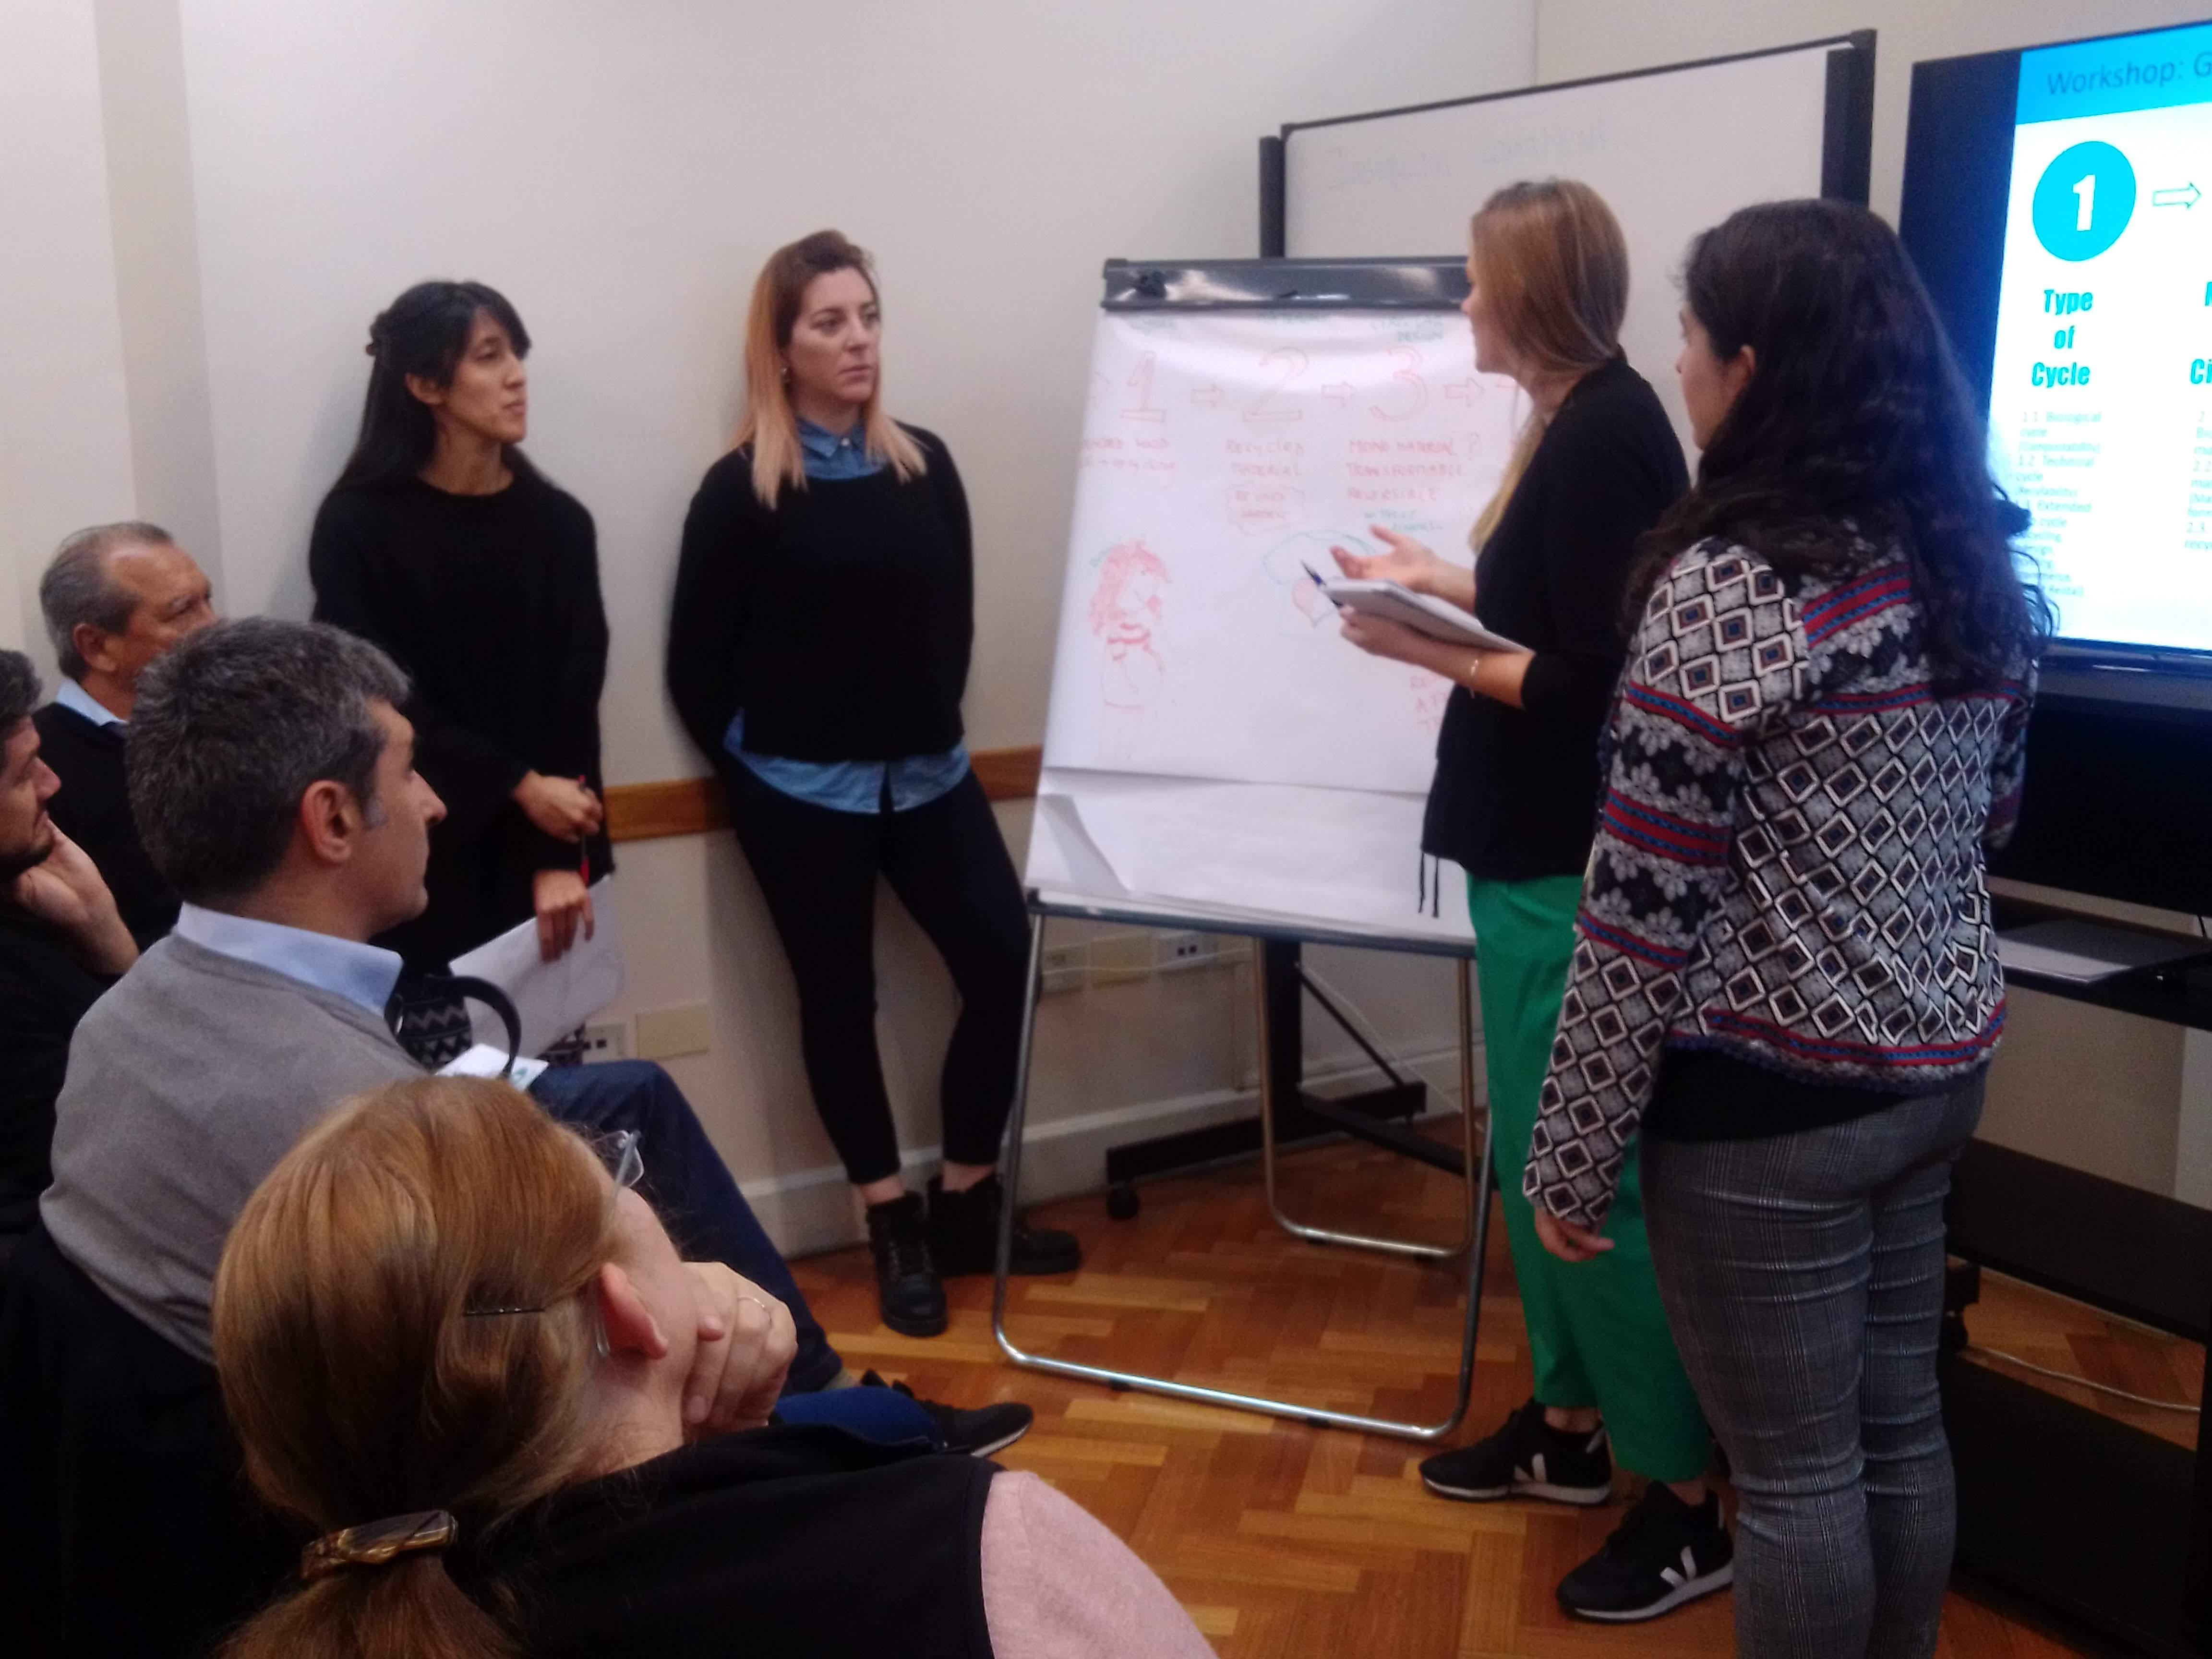 Los asistentes al workshop presentaron sus ideas innovadoras para un diseño circular frente al grupo de trabajo y recibieron los comentarios de la asesora en economía circular y sustentabilidad.